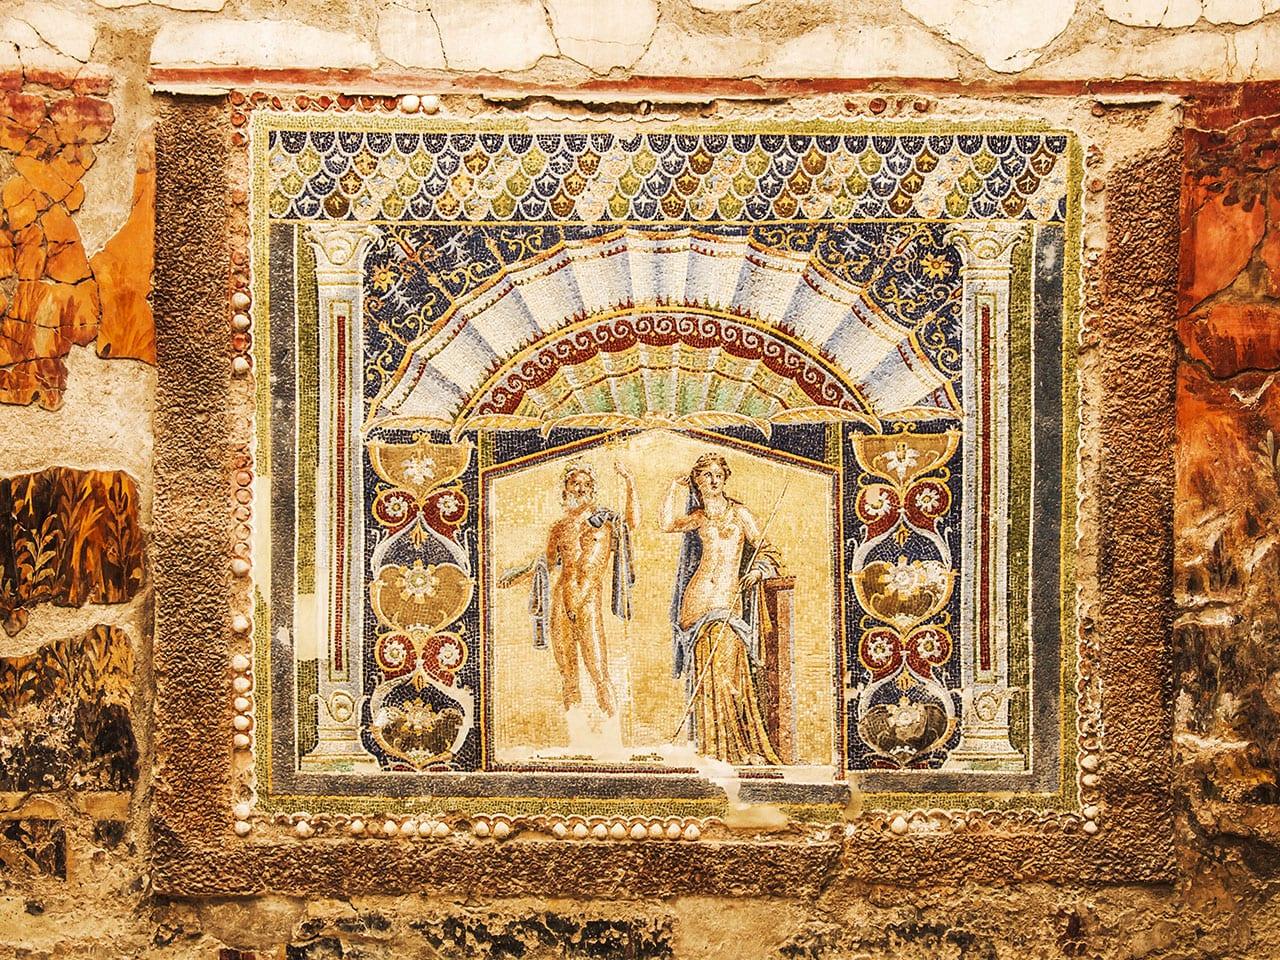 fresque de l'ancienne cité perdue d'Herculanum. Chose à voir dans le musée de Naples